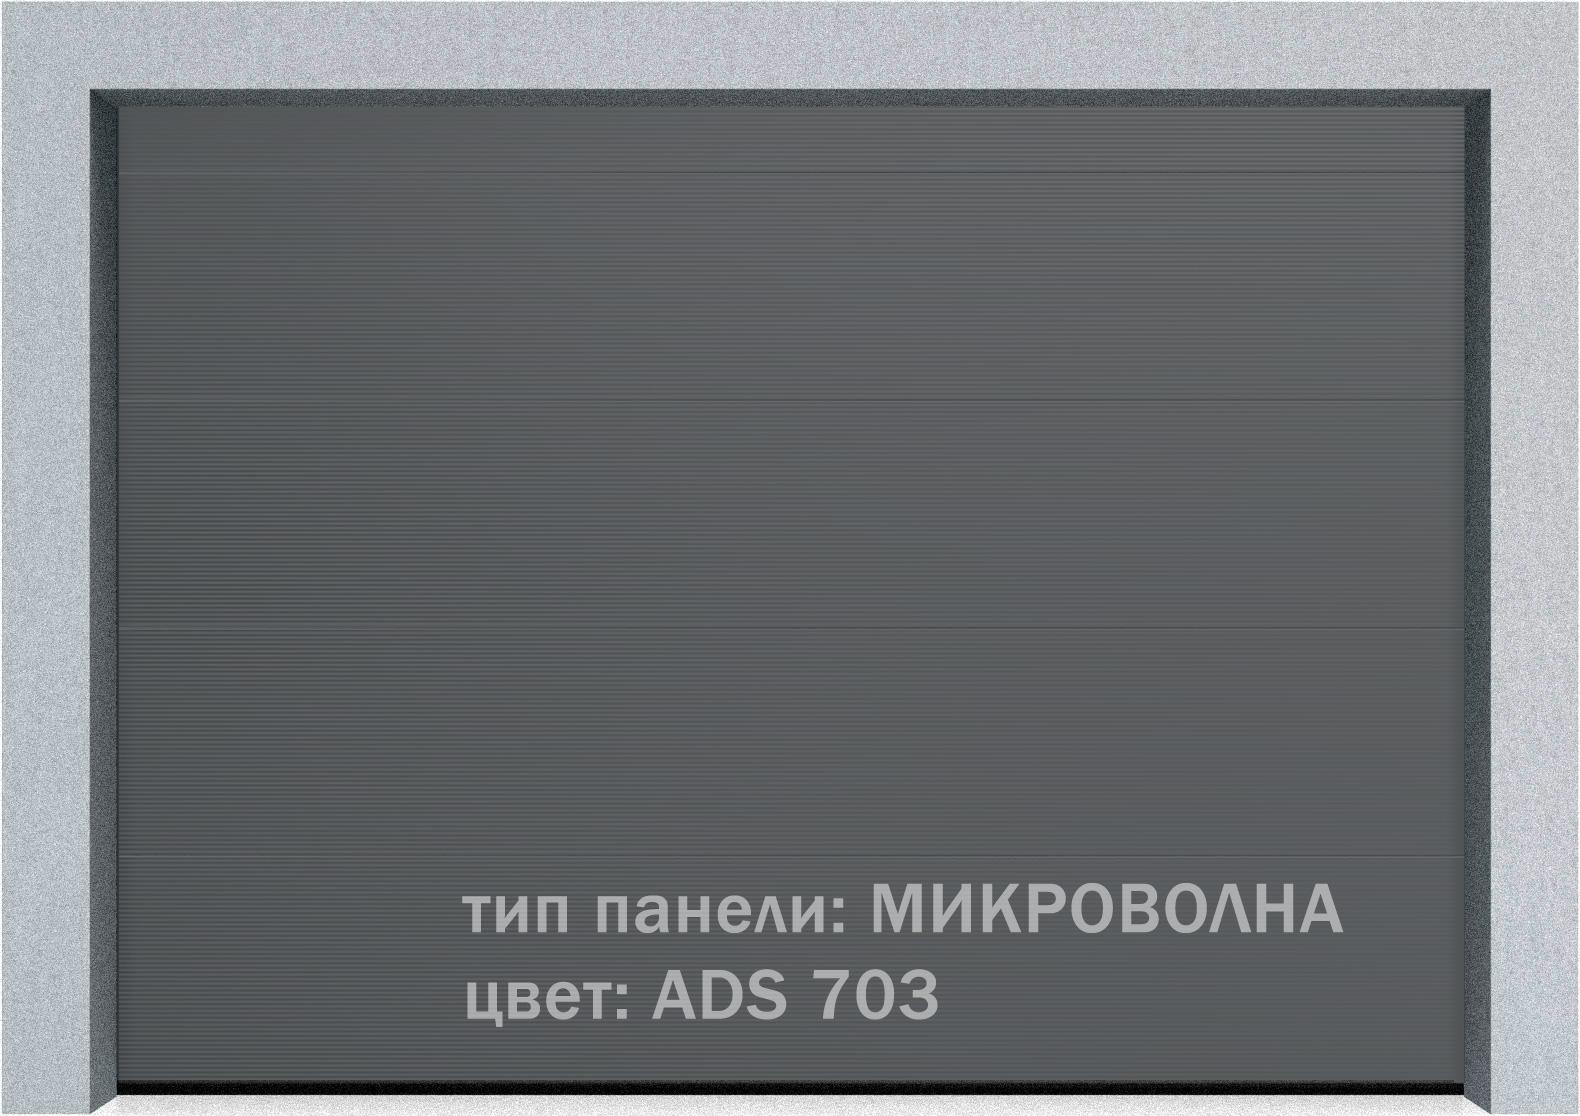 Секционные гаражные ворота Alutech Trend 1875x2250 S-гофр, Микроволна стандартные цвета, пружины растяжения, фото 20